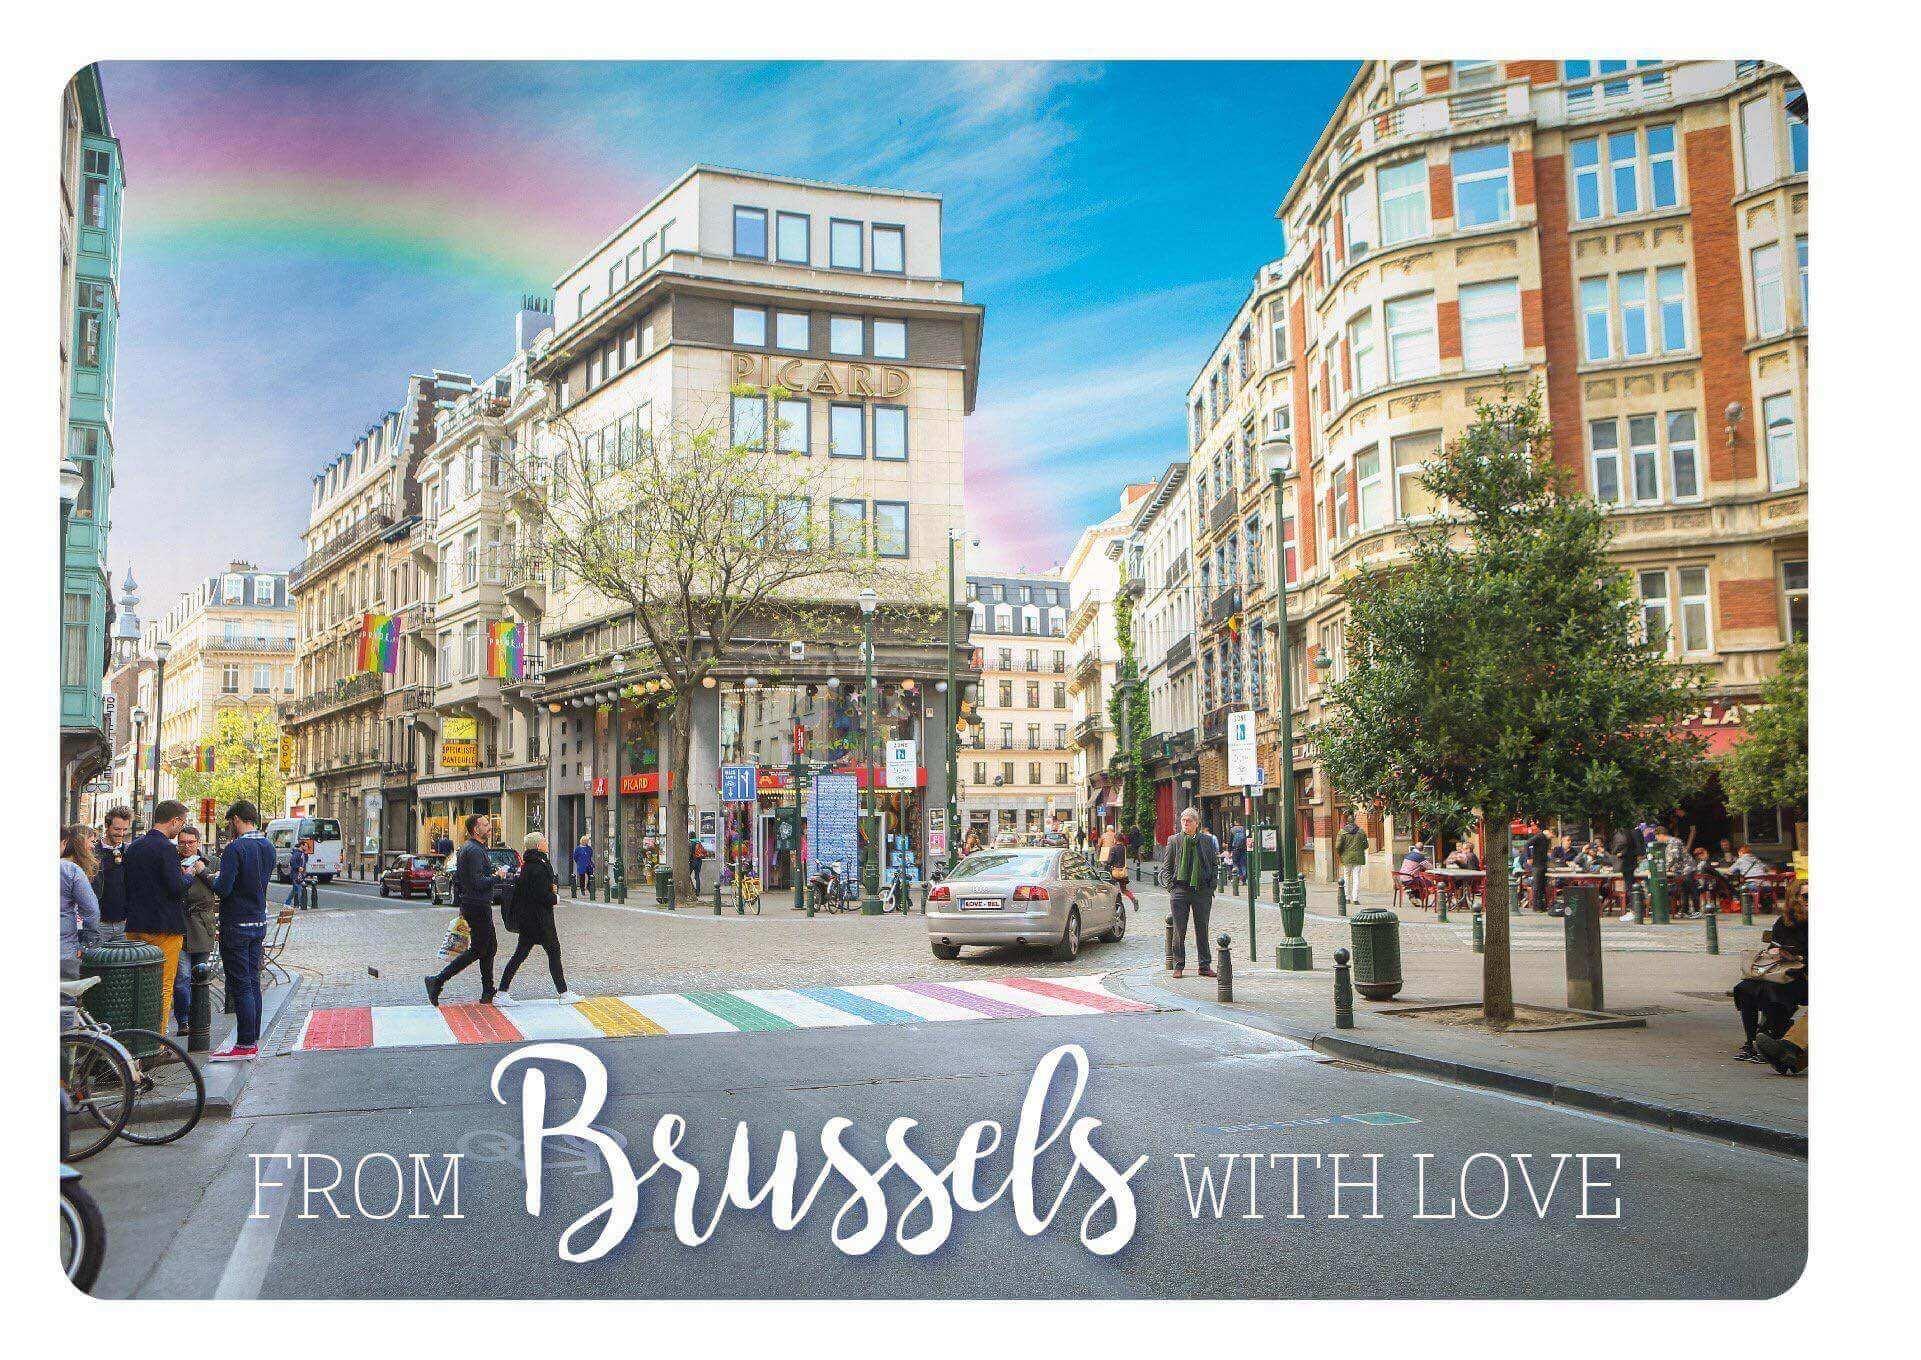 Bruxelles place des passages piétons arc-en-ciel